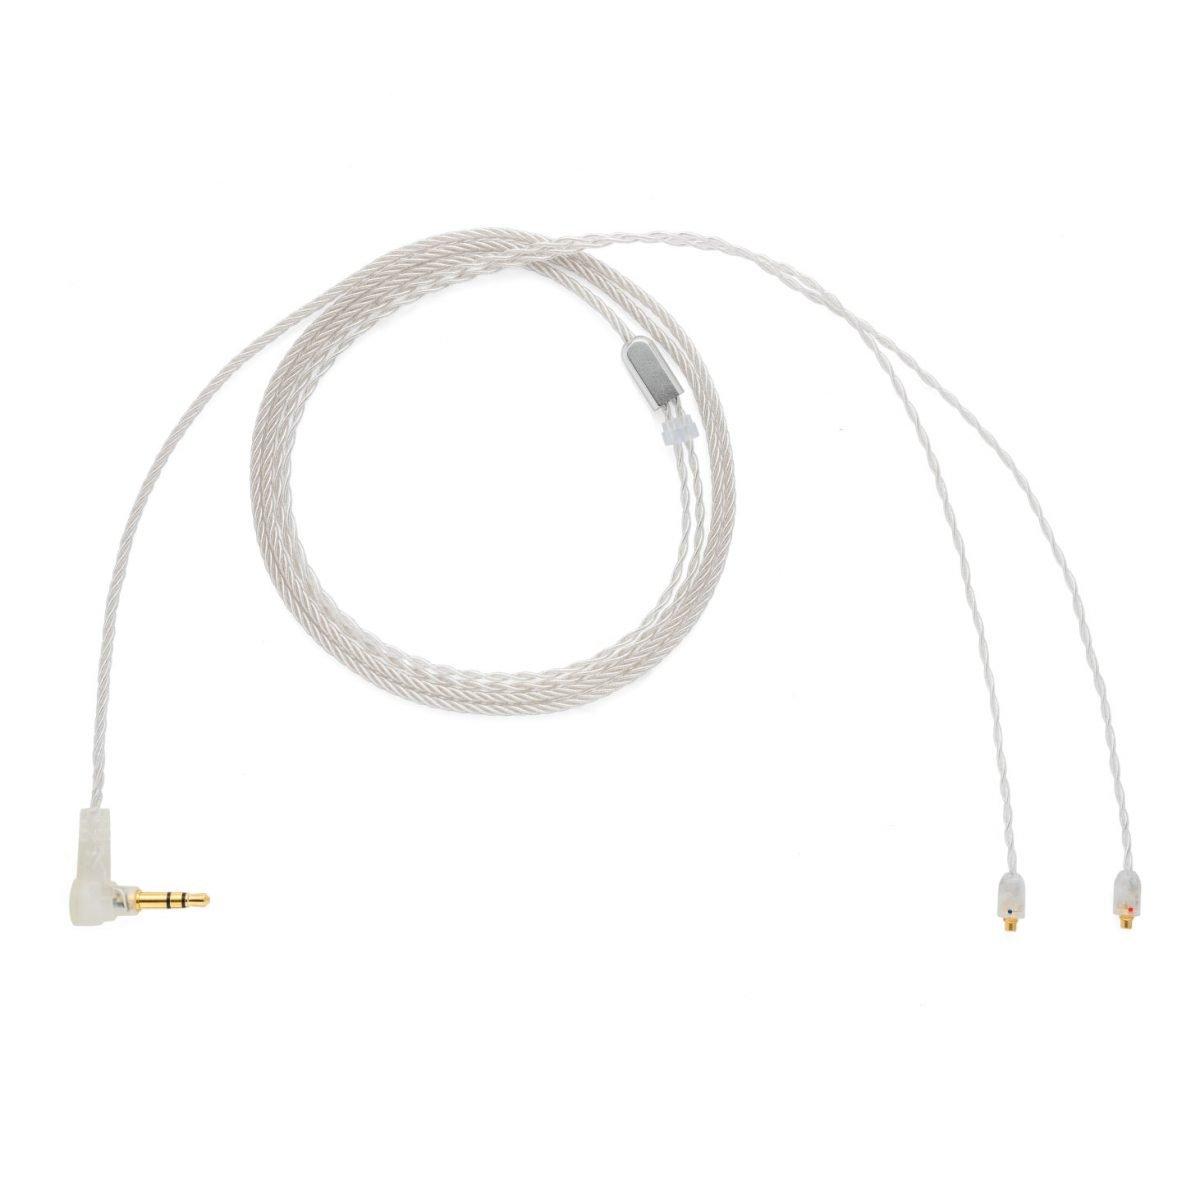 Campfire Audio Pure Silver Litz Cable